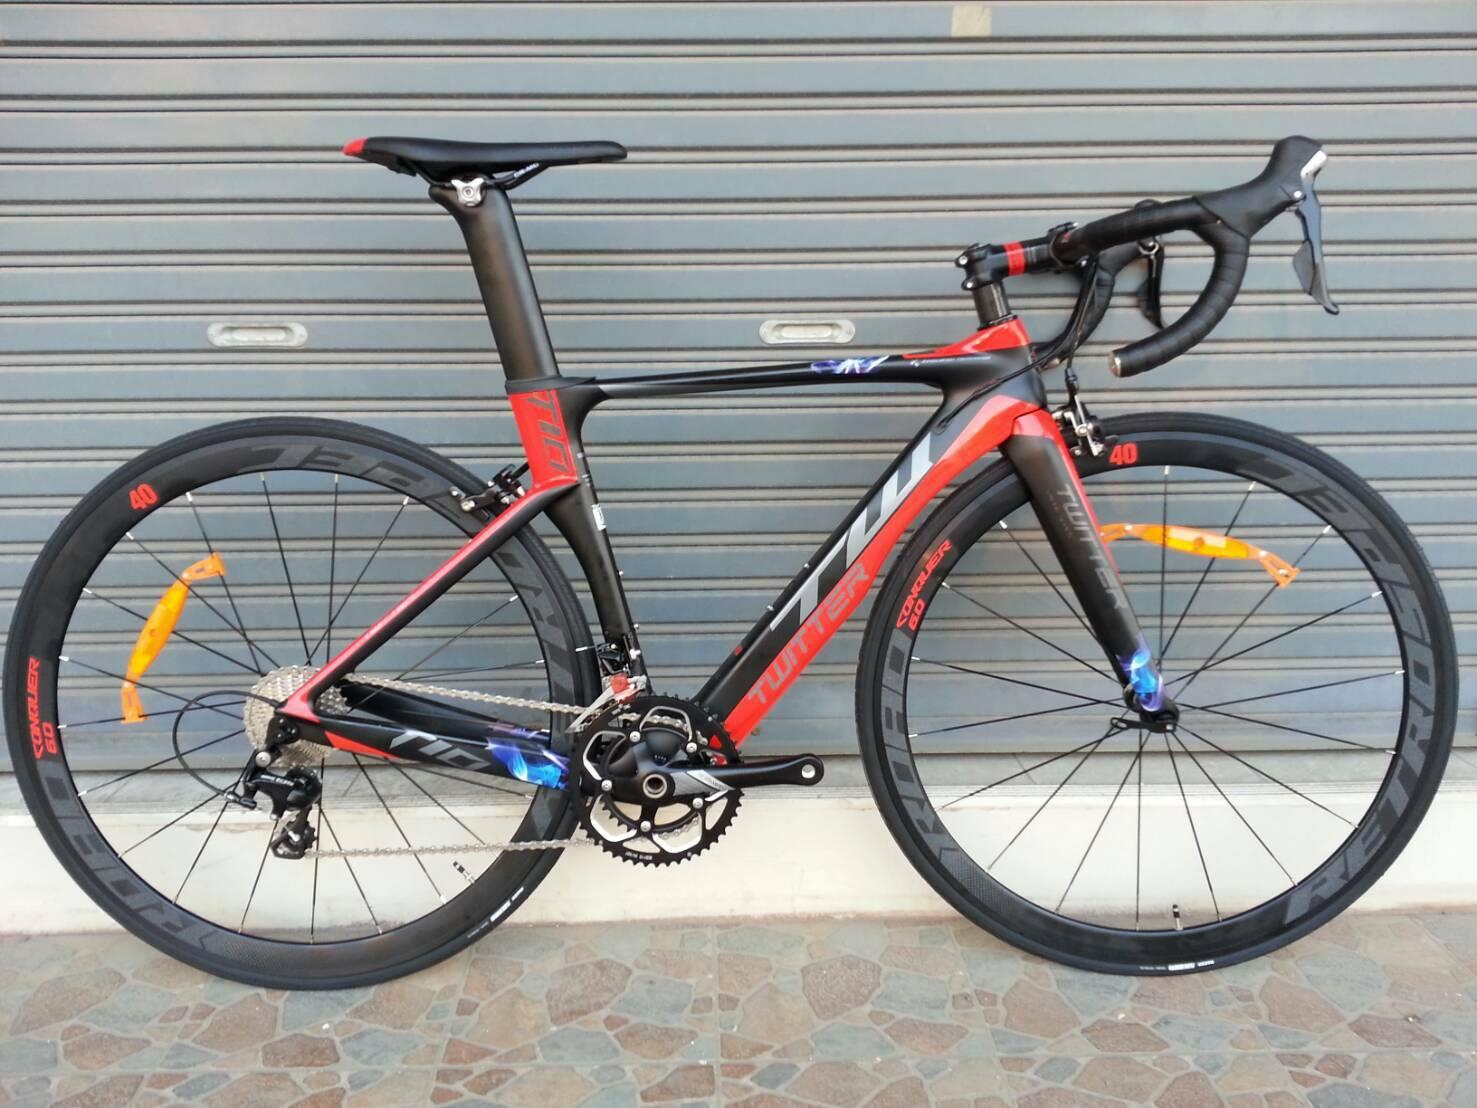 จักรยานเสือหมอบ Twitter T10 เฟรม Carbon สีดำแดง ชุดเกียร์ Shimano 105 22 Speef ไม่กรุ๊ปเซ็ต ดุมล้อแบริ่ง กระโหลกกลวง Pressfit